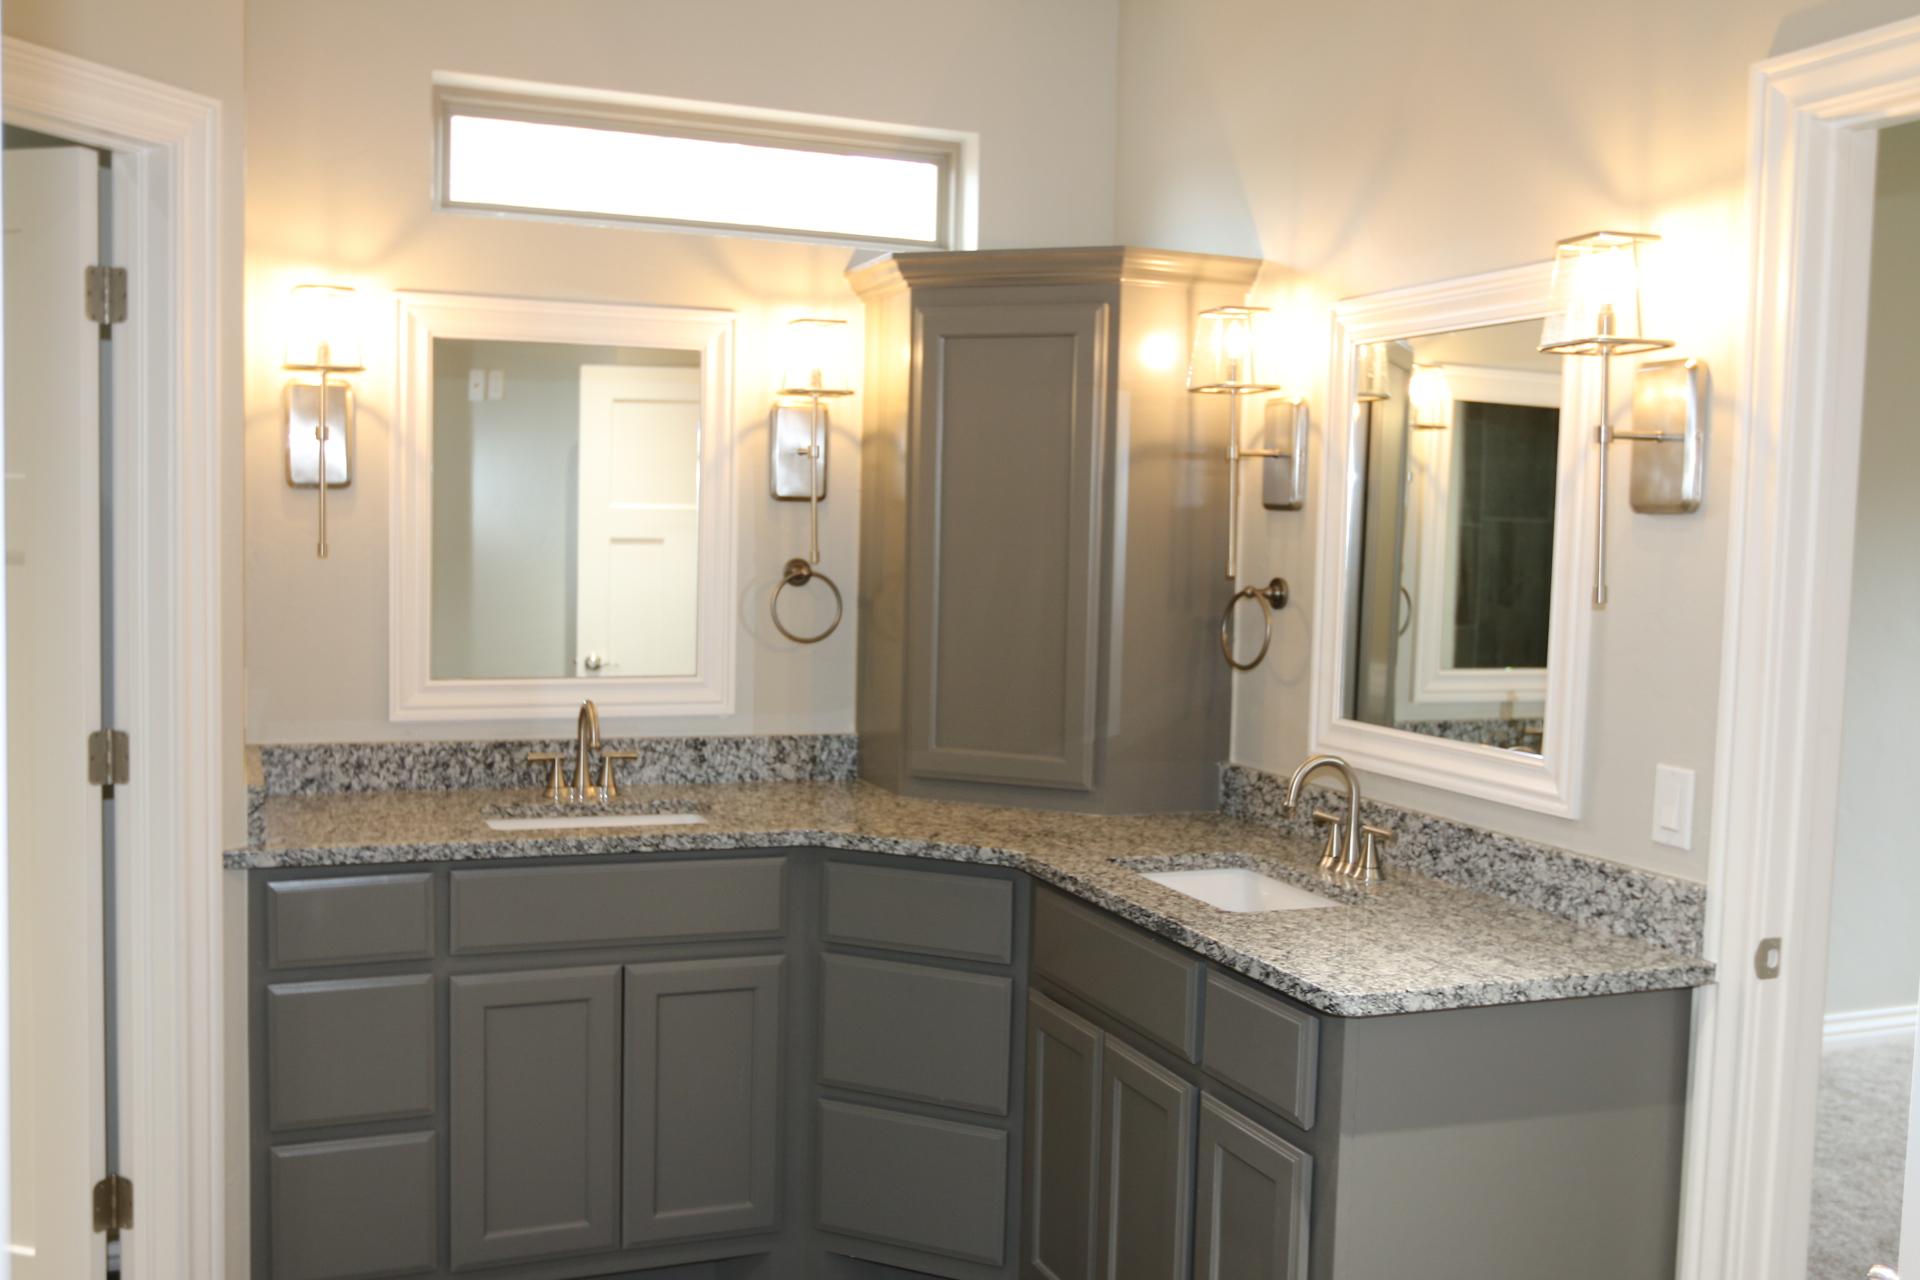 dual vanity bathroom dark grey cabinets.jpeg